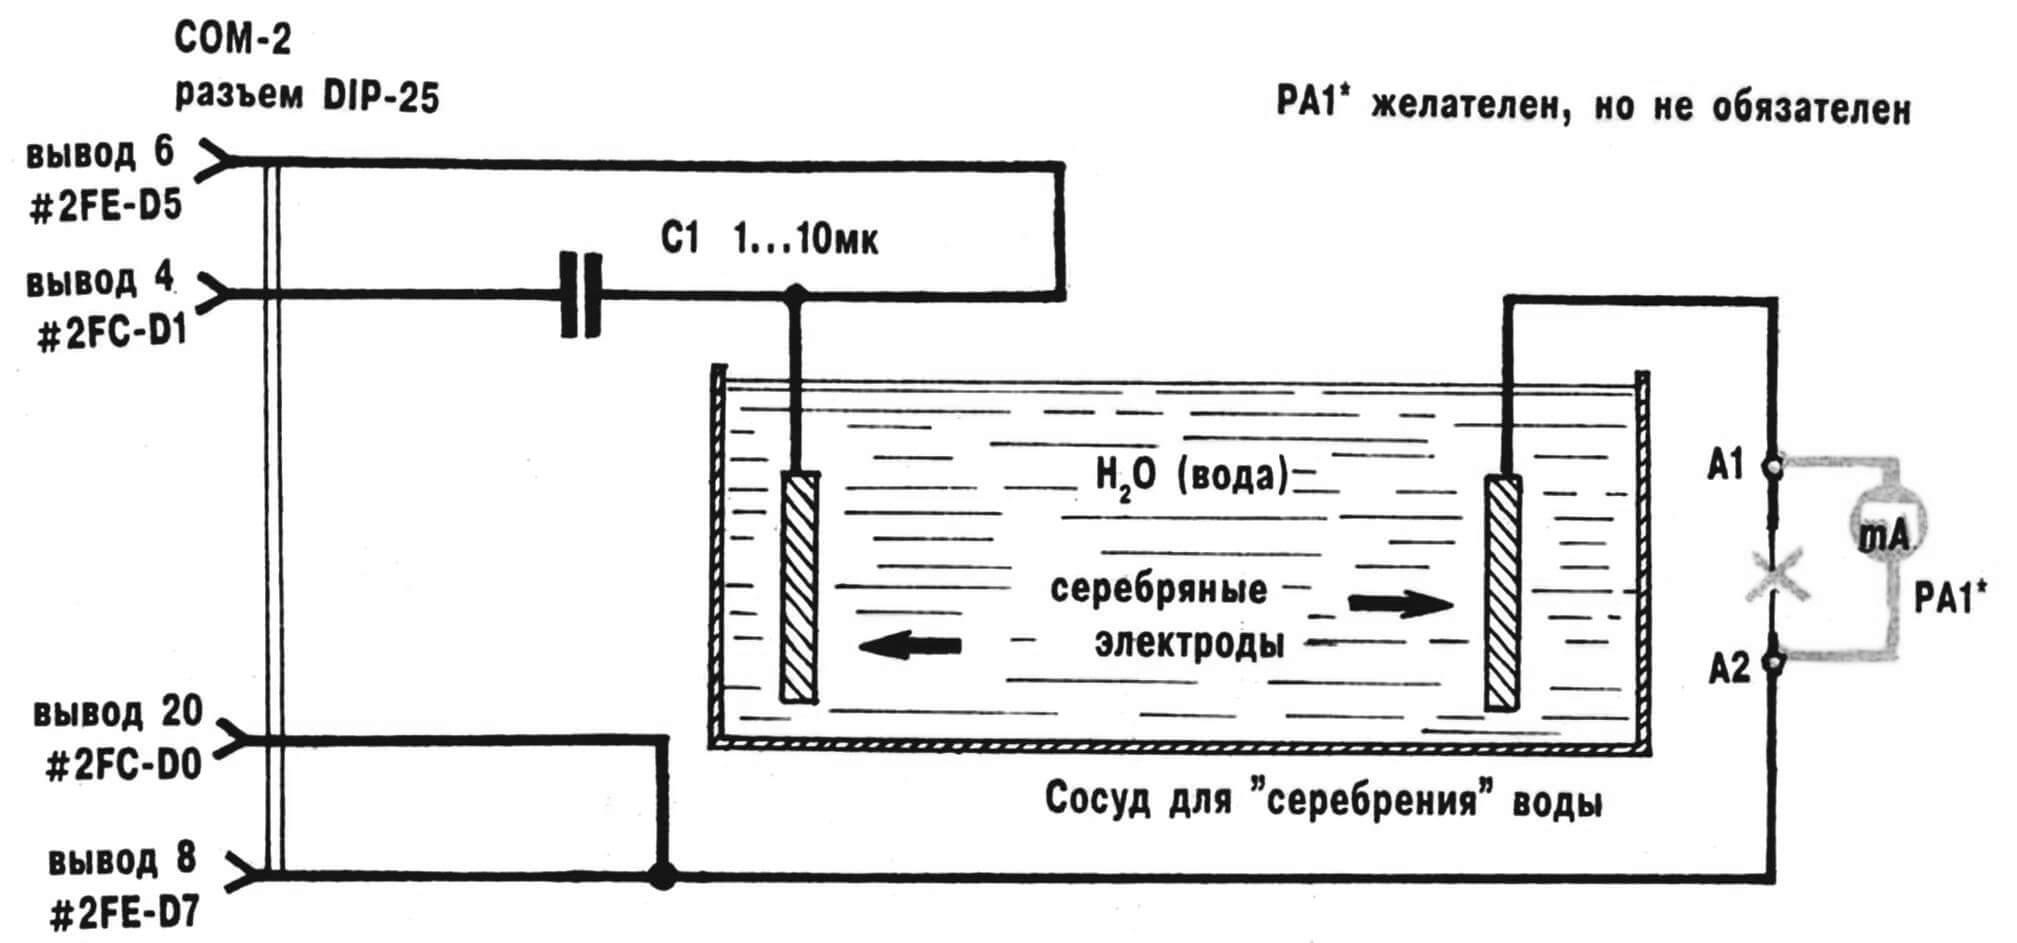 Принципиальная электрическая схема установки для «серебрения» воды с помощью компьютера.